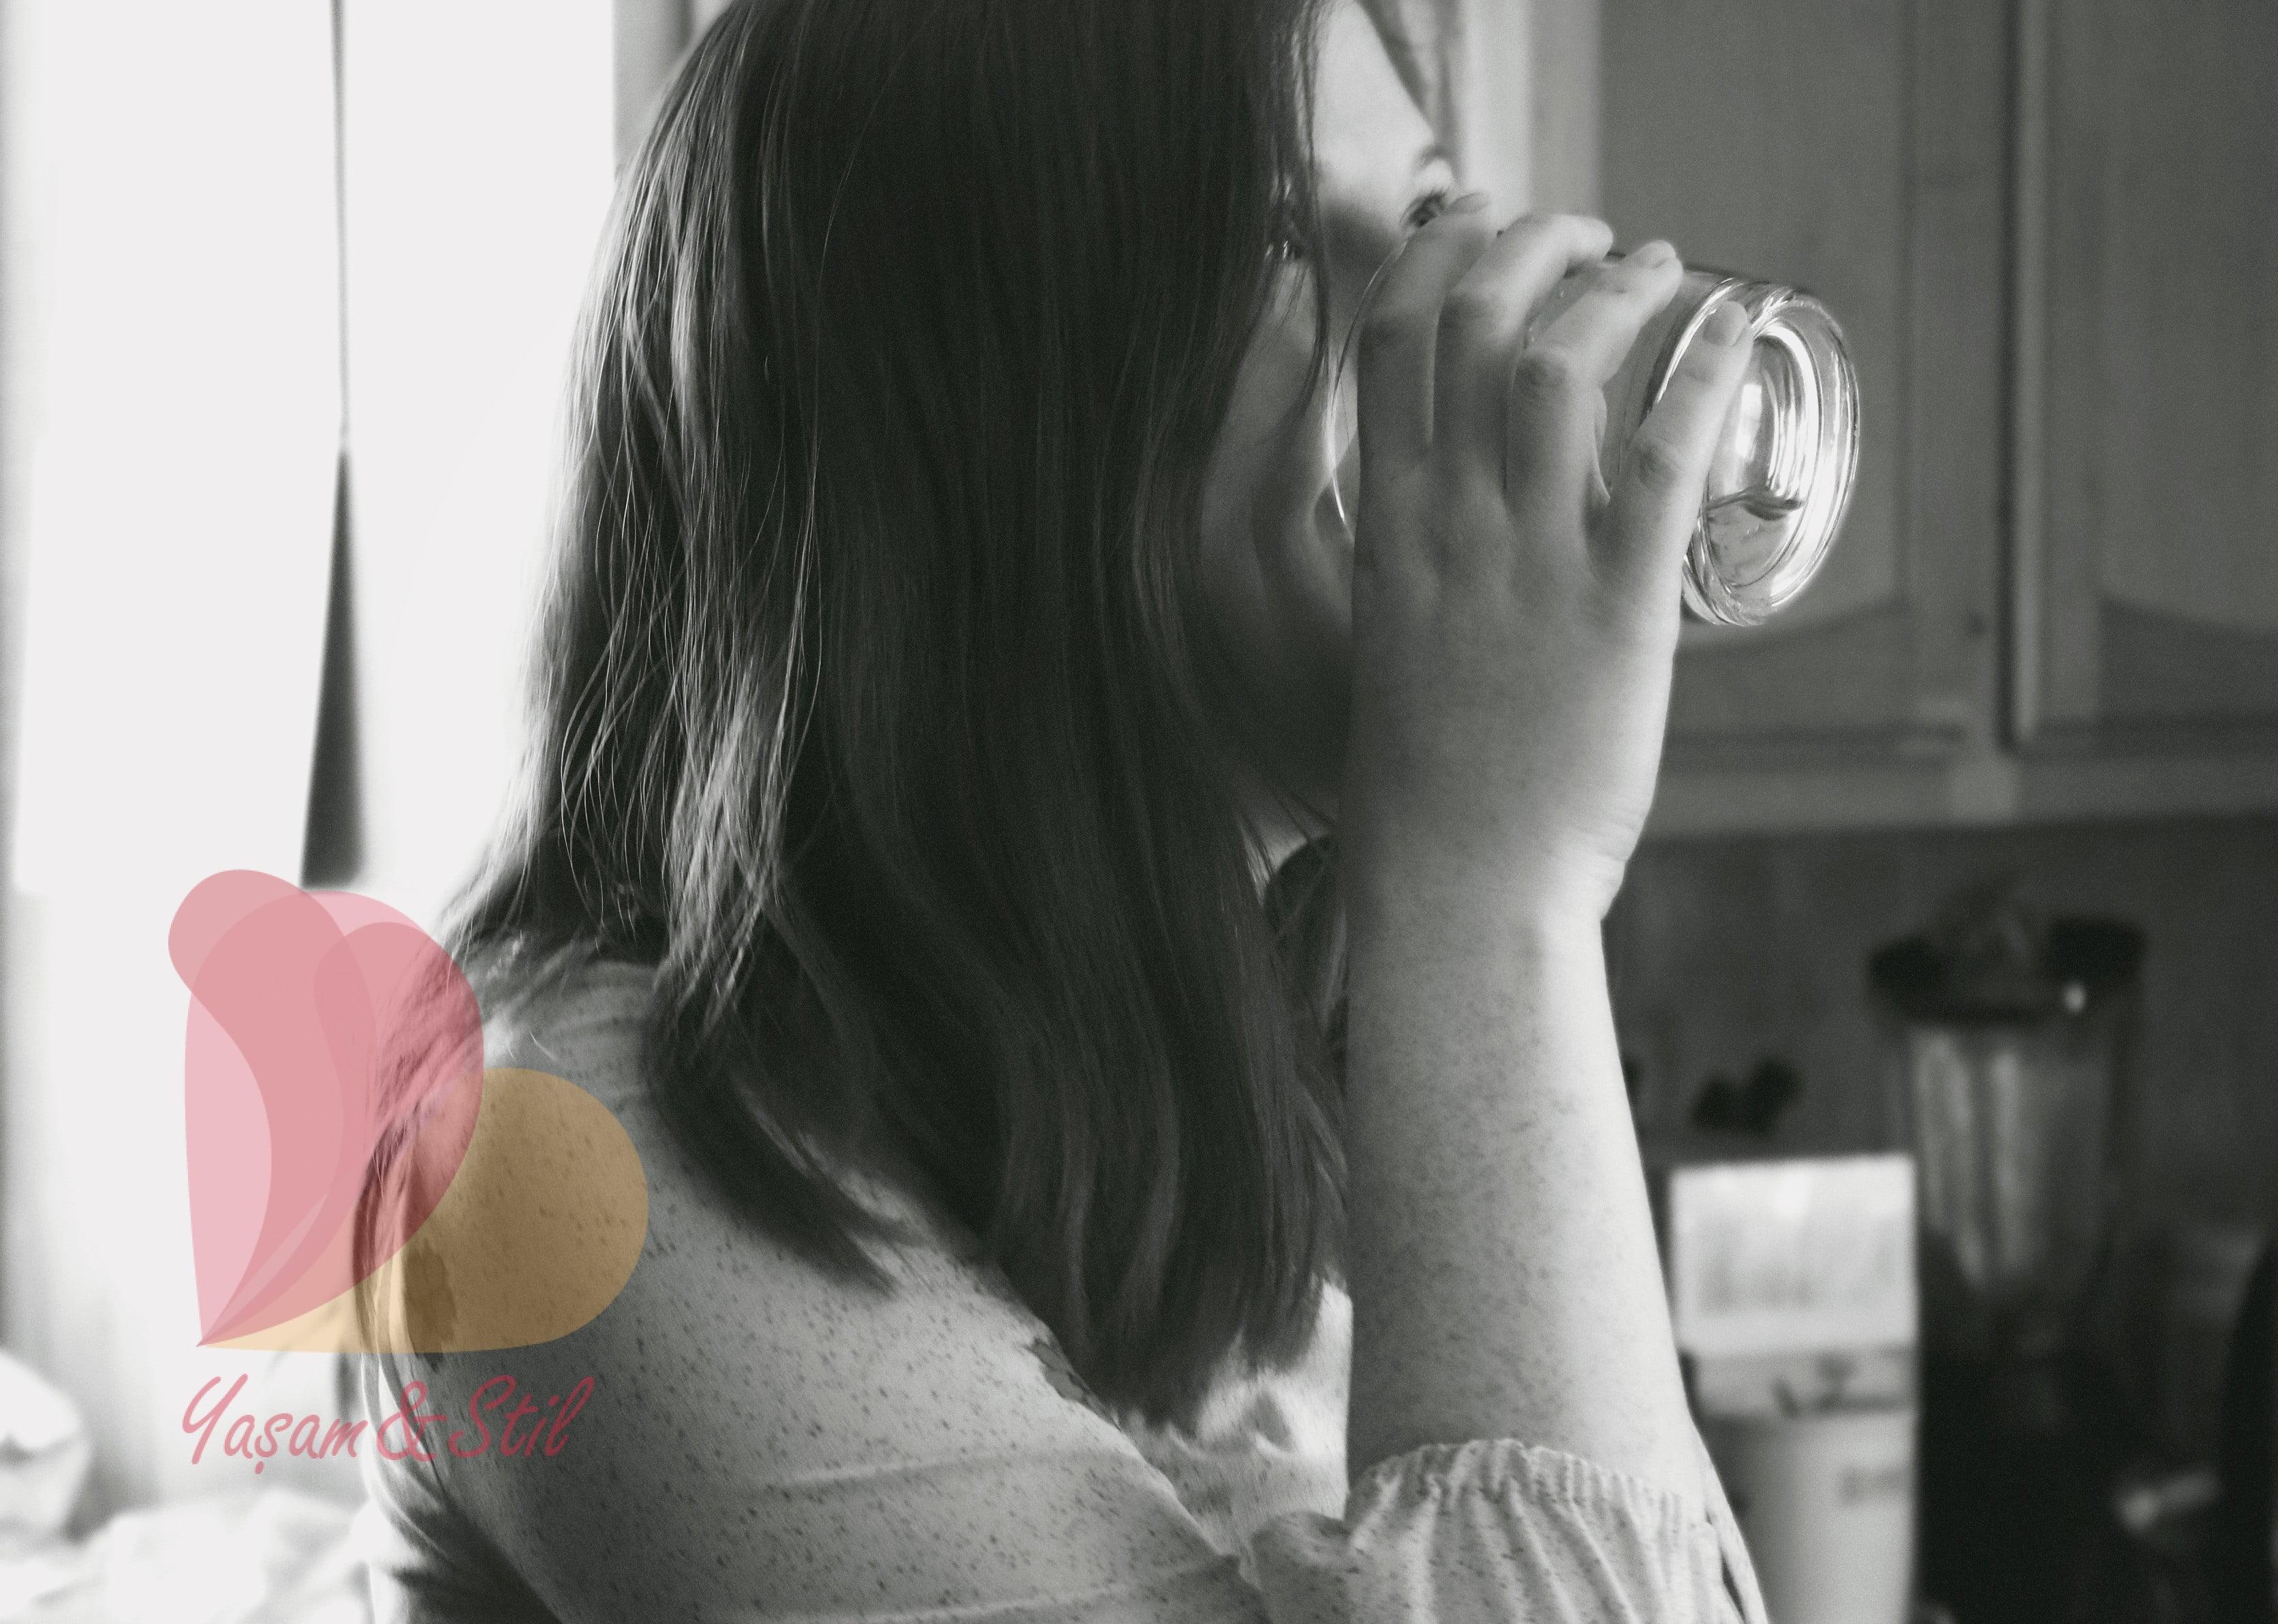 Su İçme Alışkanlığı Kazanmak için Tavsiyeler